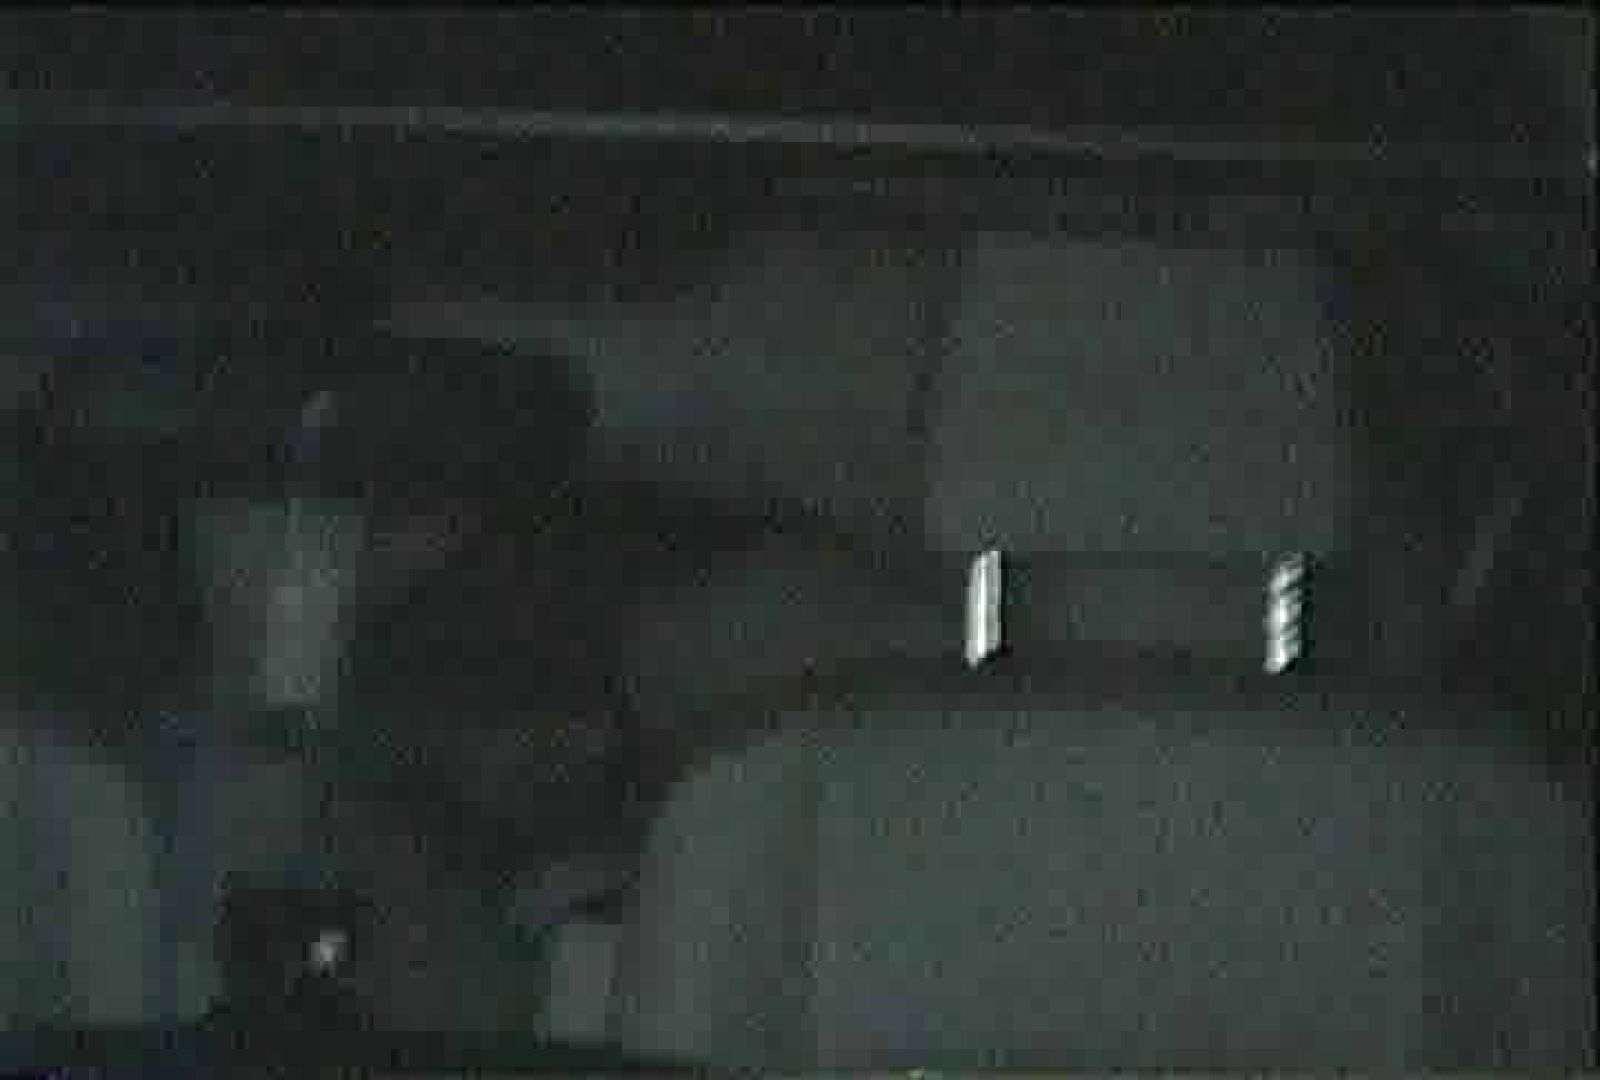 充血監督の深夜の運動会Vol.80 ギャルのエロ動画 | エッチなセックス  85画像 79